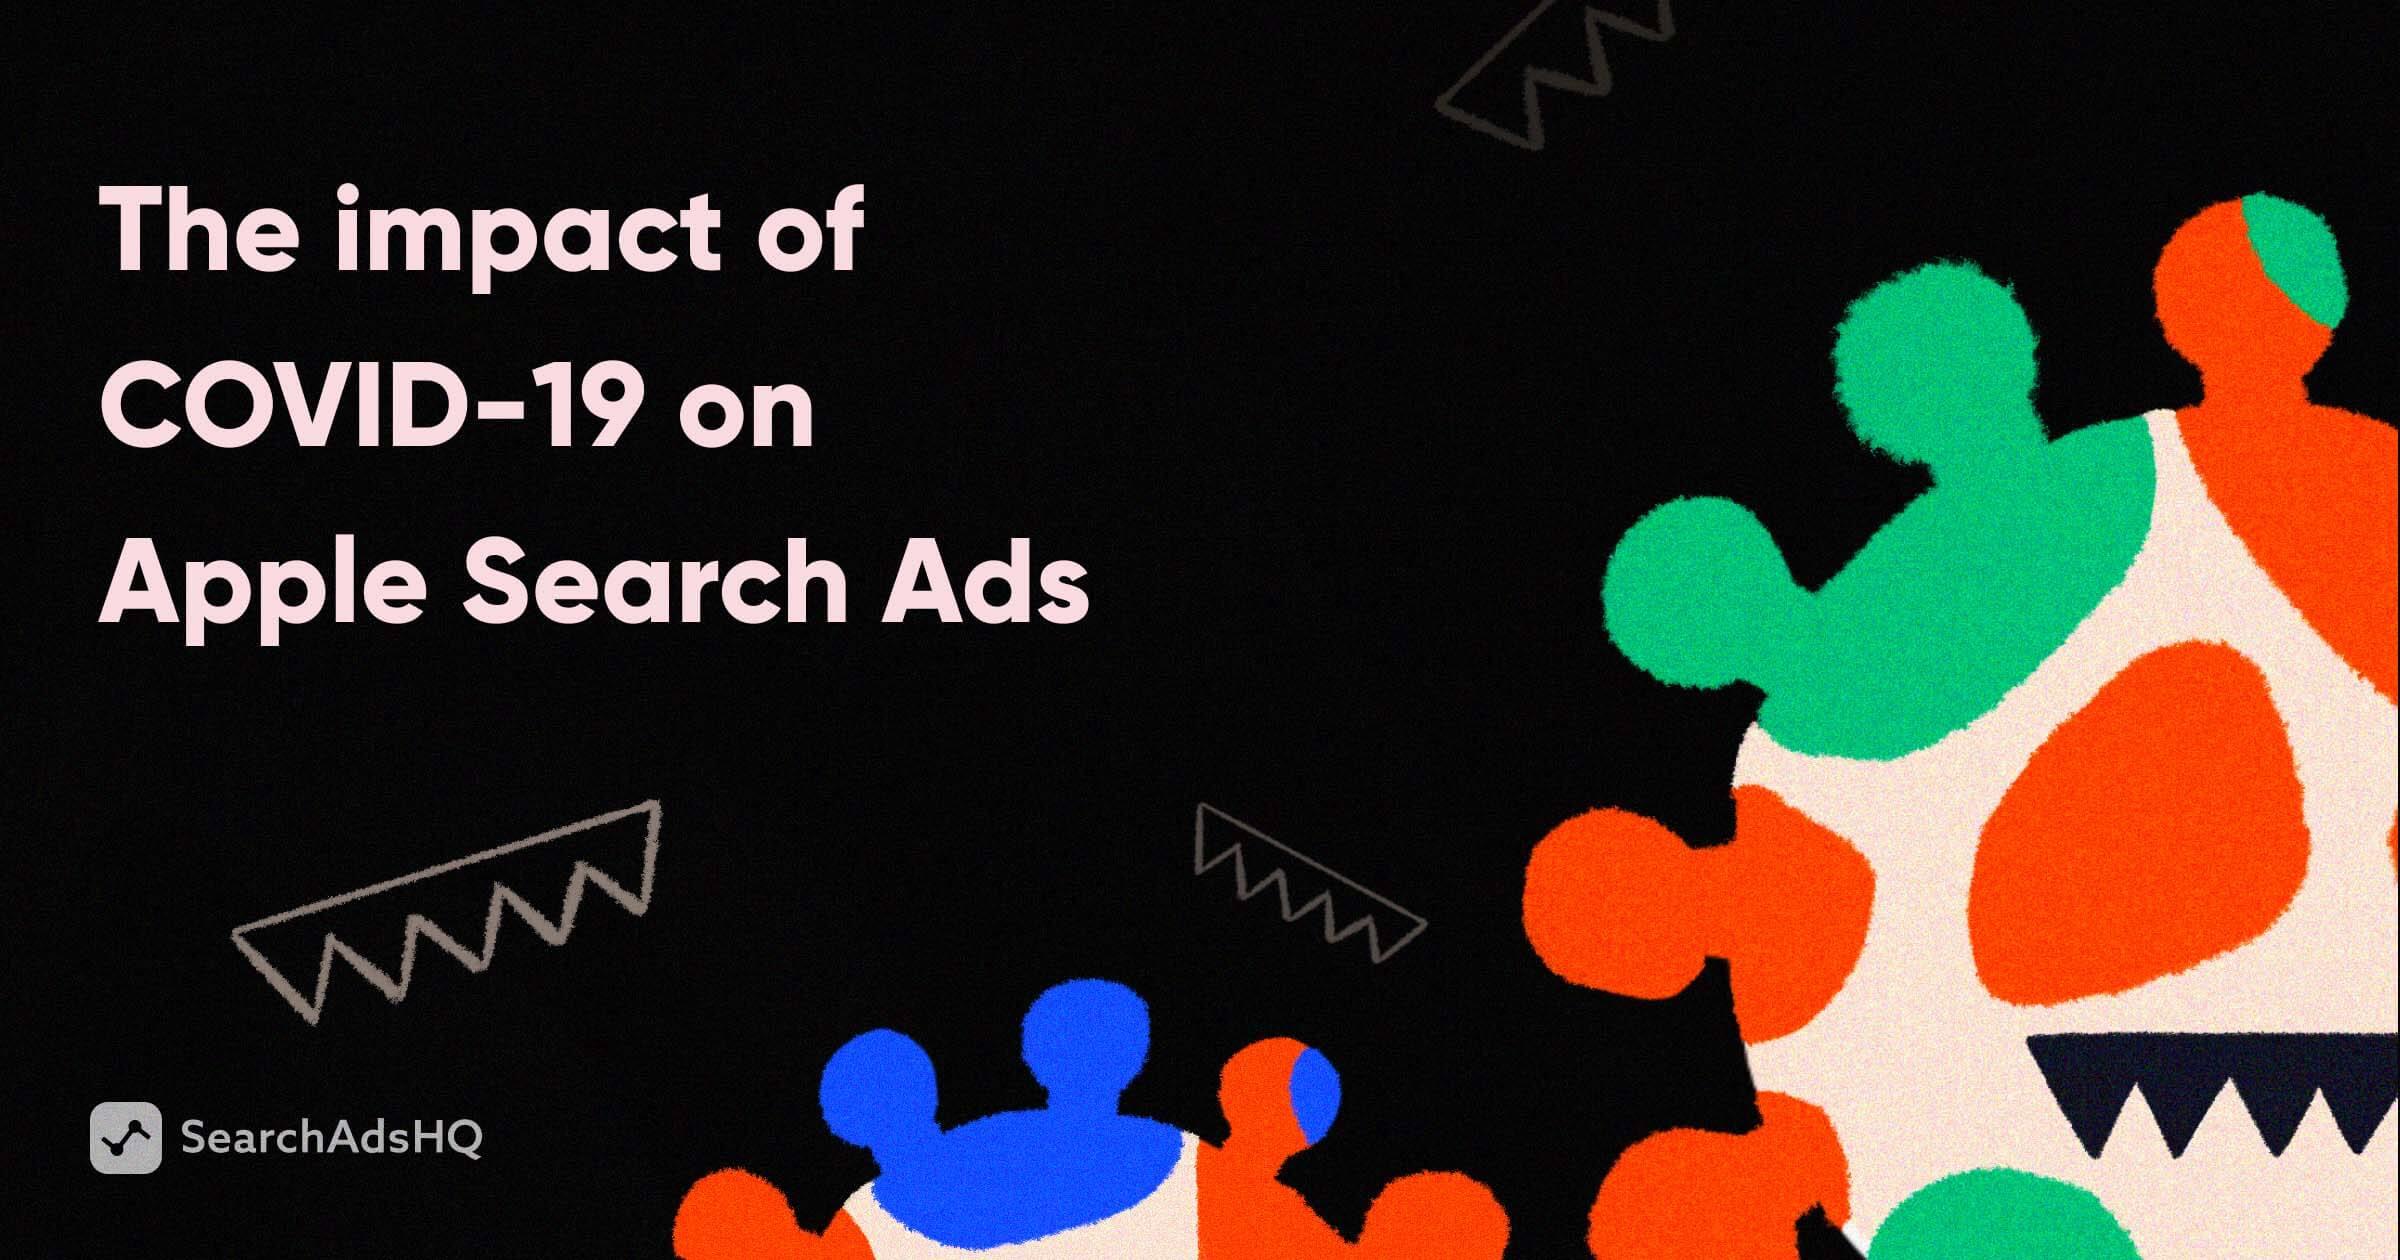 COVID-19 & Apple Search Ads